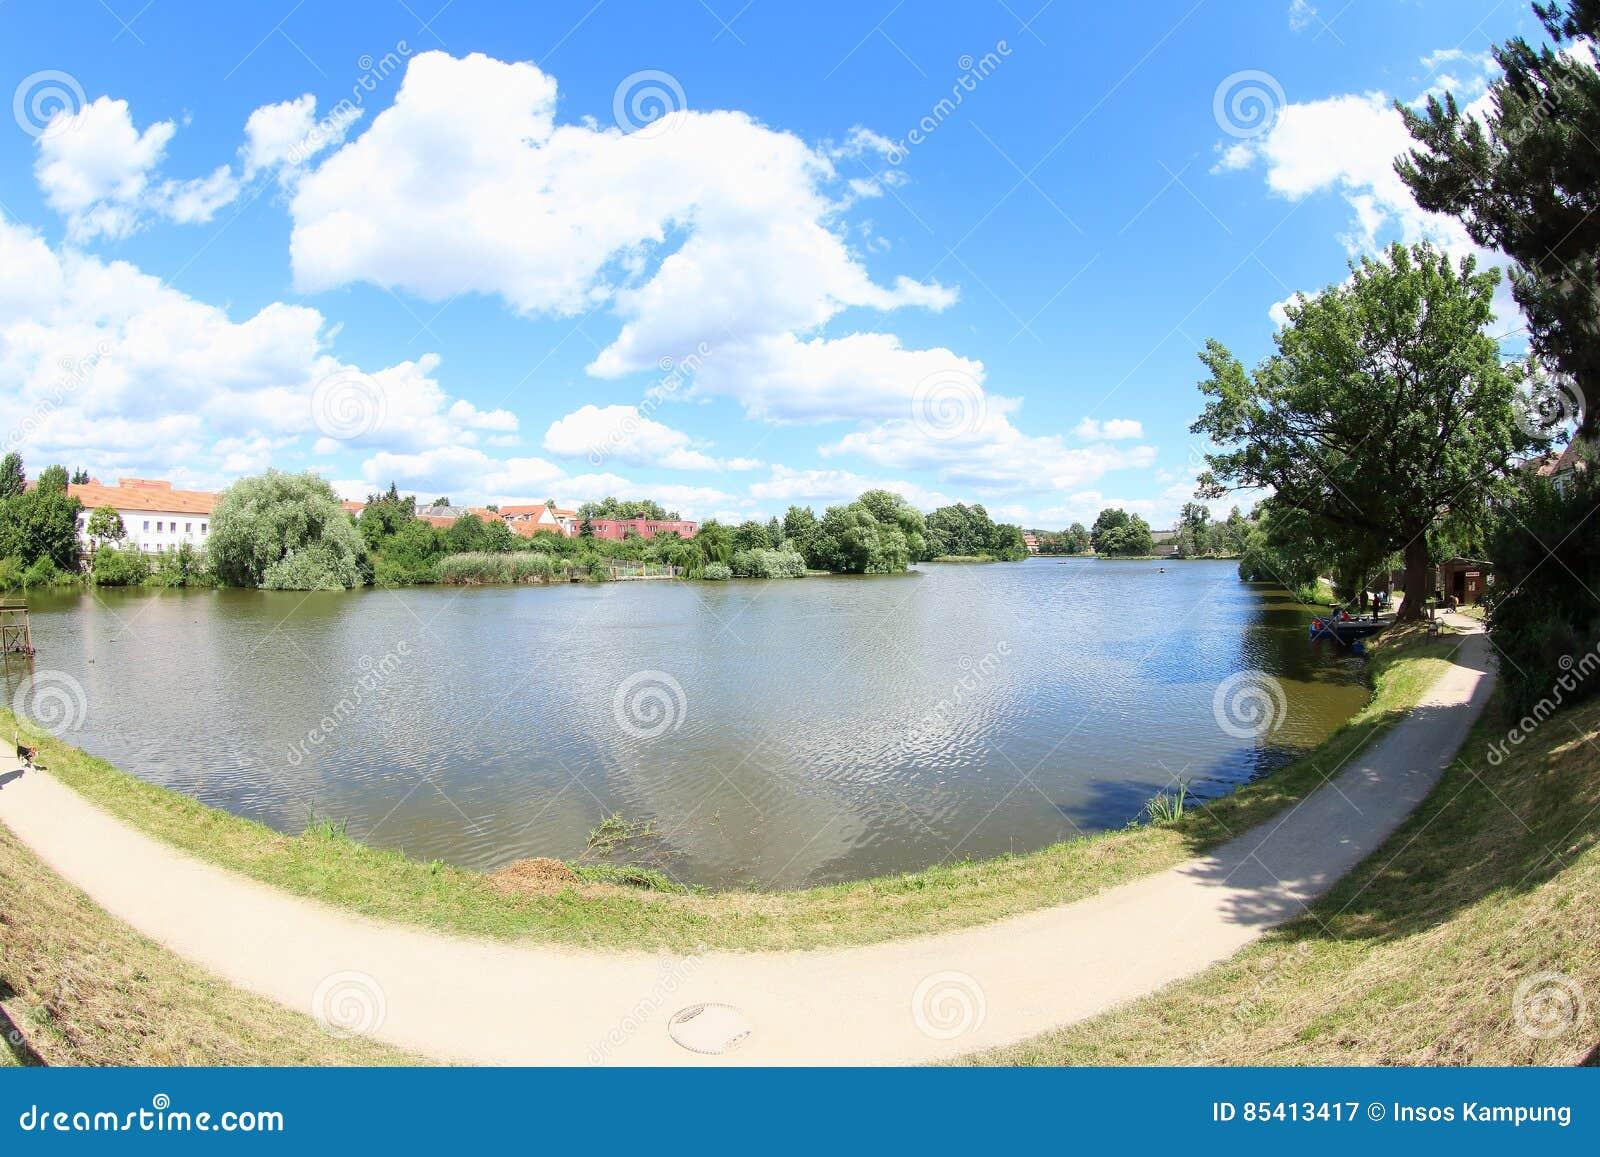 Beautiful Pond in Telc, Czech Republic